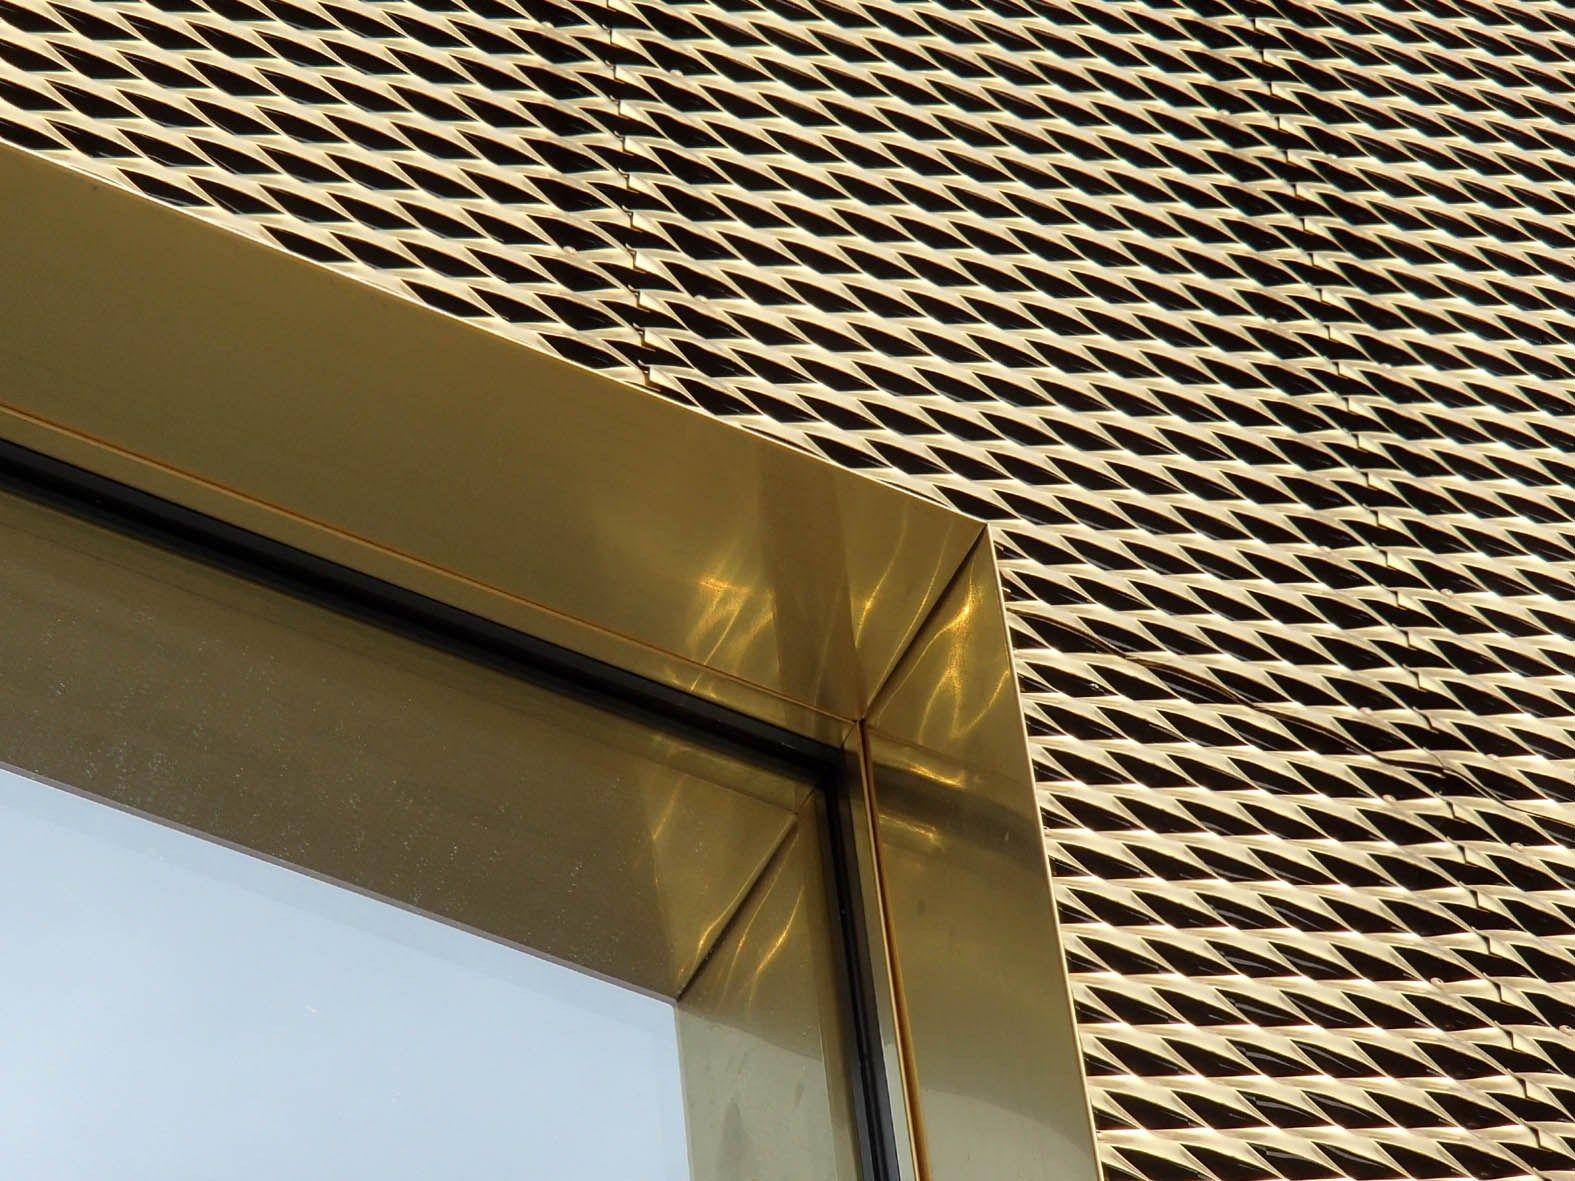 metal sheet  panel  roof metal sheet  panel